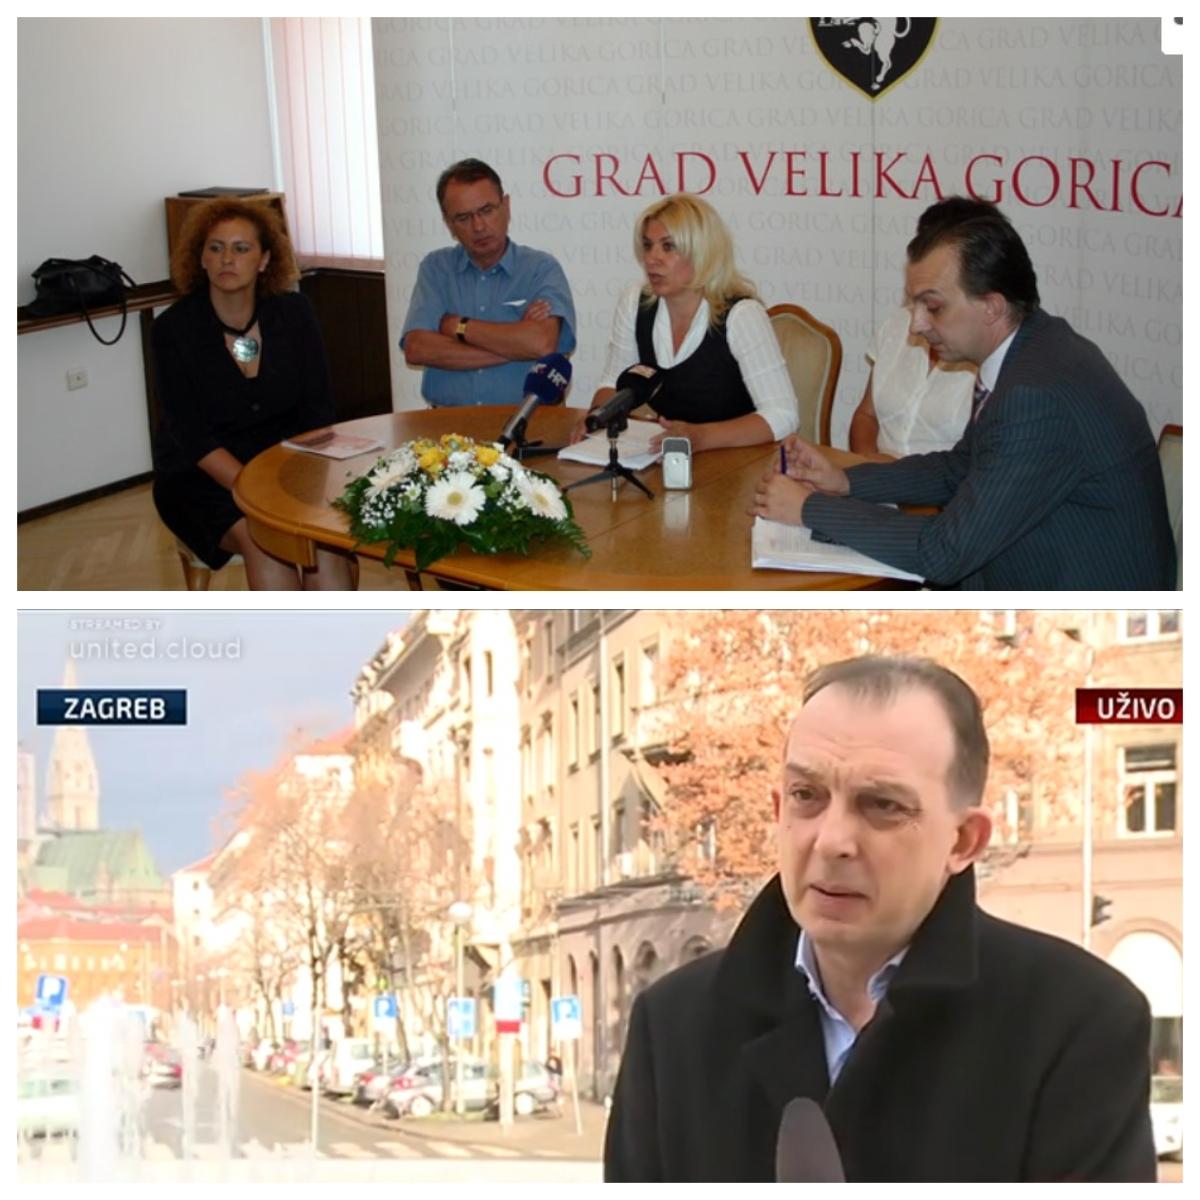 Ante Šimunović, voditelj kampanje V.Š.Ožbolt, zatražio brisanje iz članstva HDZ-a: Što je čekao dosad? Novo političko utočište…?